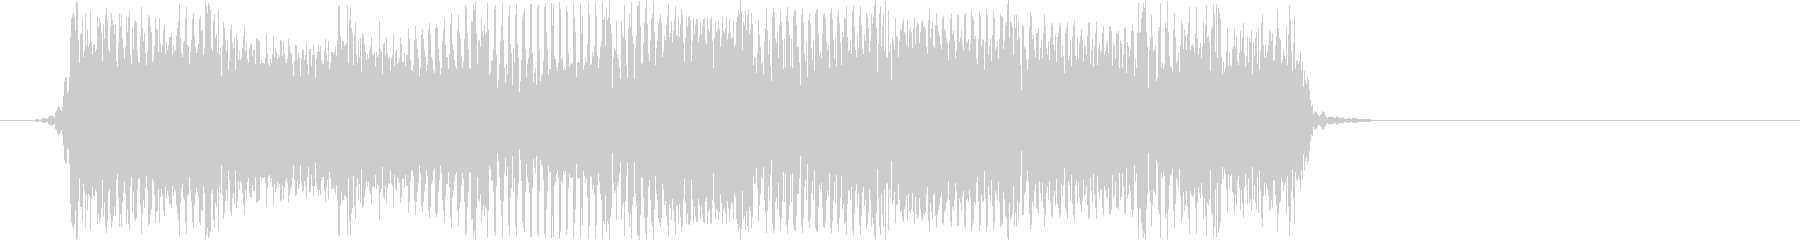 激情的なパンクサウンド#02(ジングル)の未再生の波形